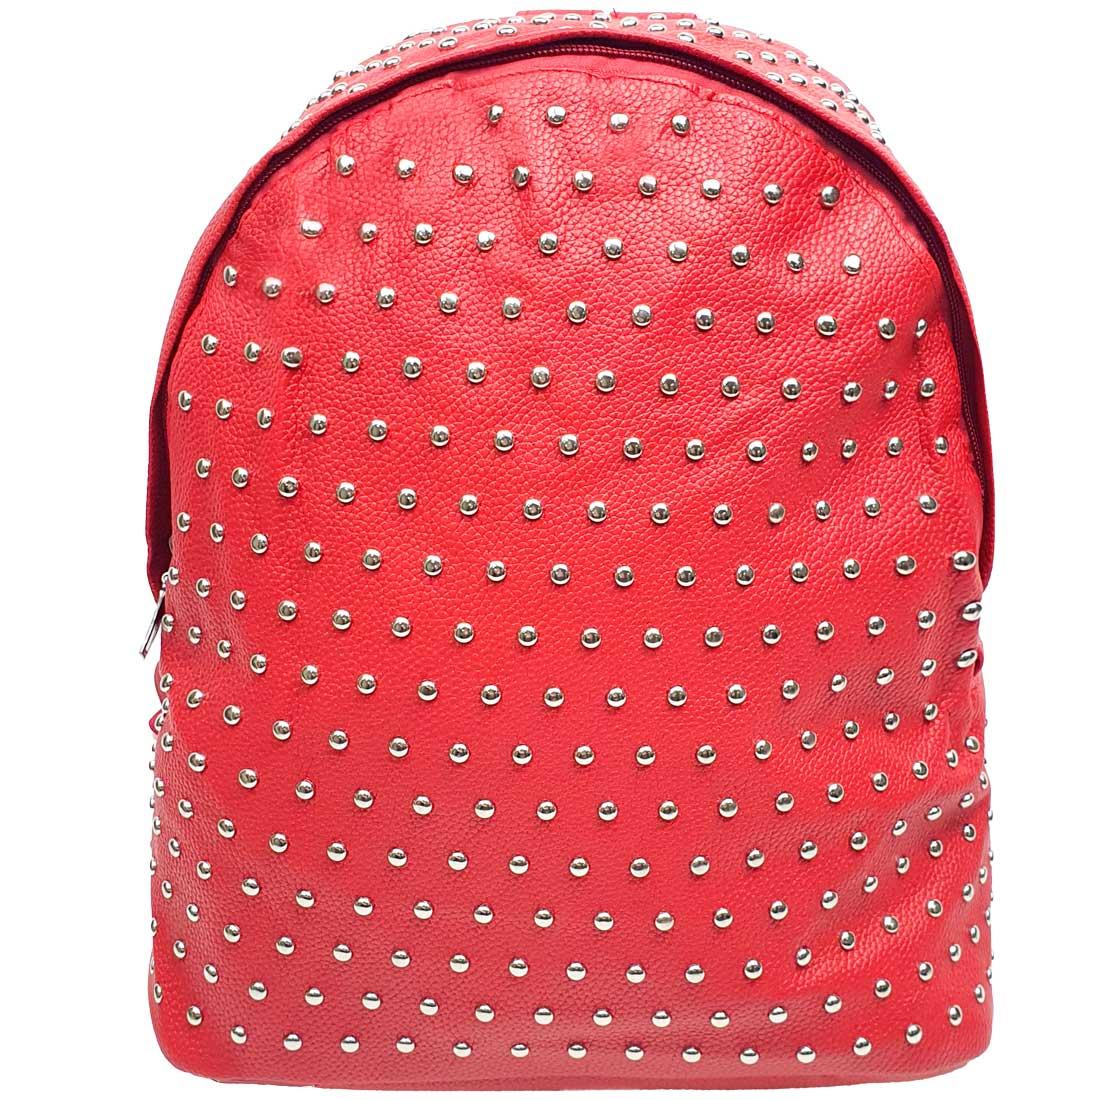 Mochila com Bolinhas em Metal - Vermelha